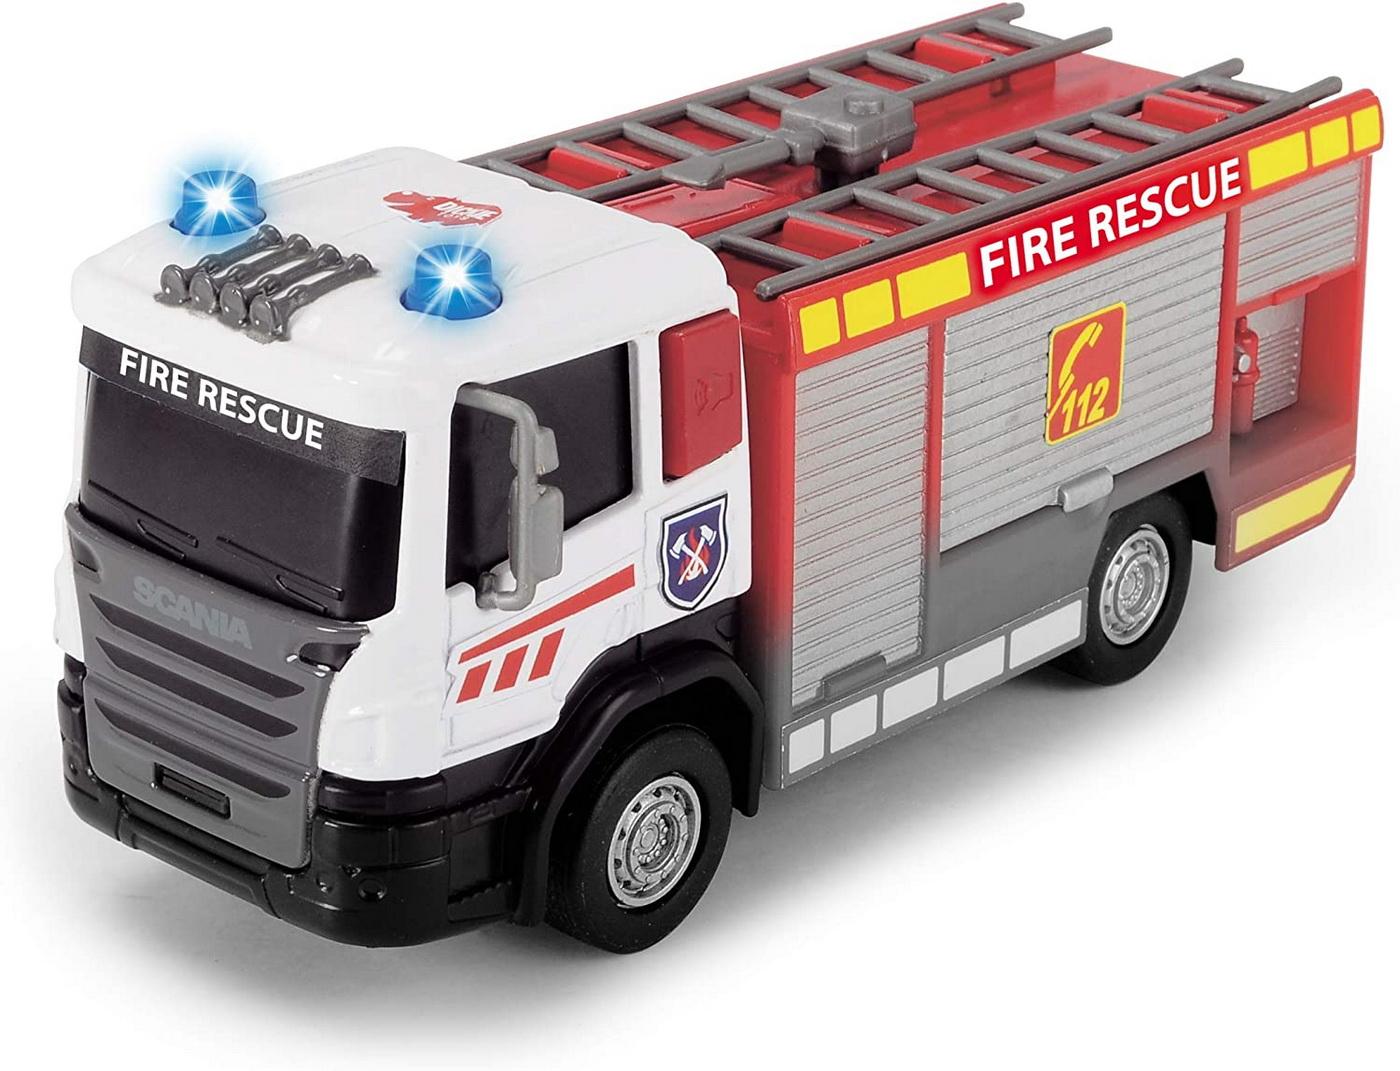 Masinuta - Scania Fire Rescue, cu scara   Dickie Toys - 1